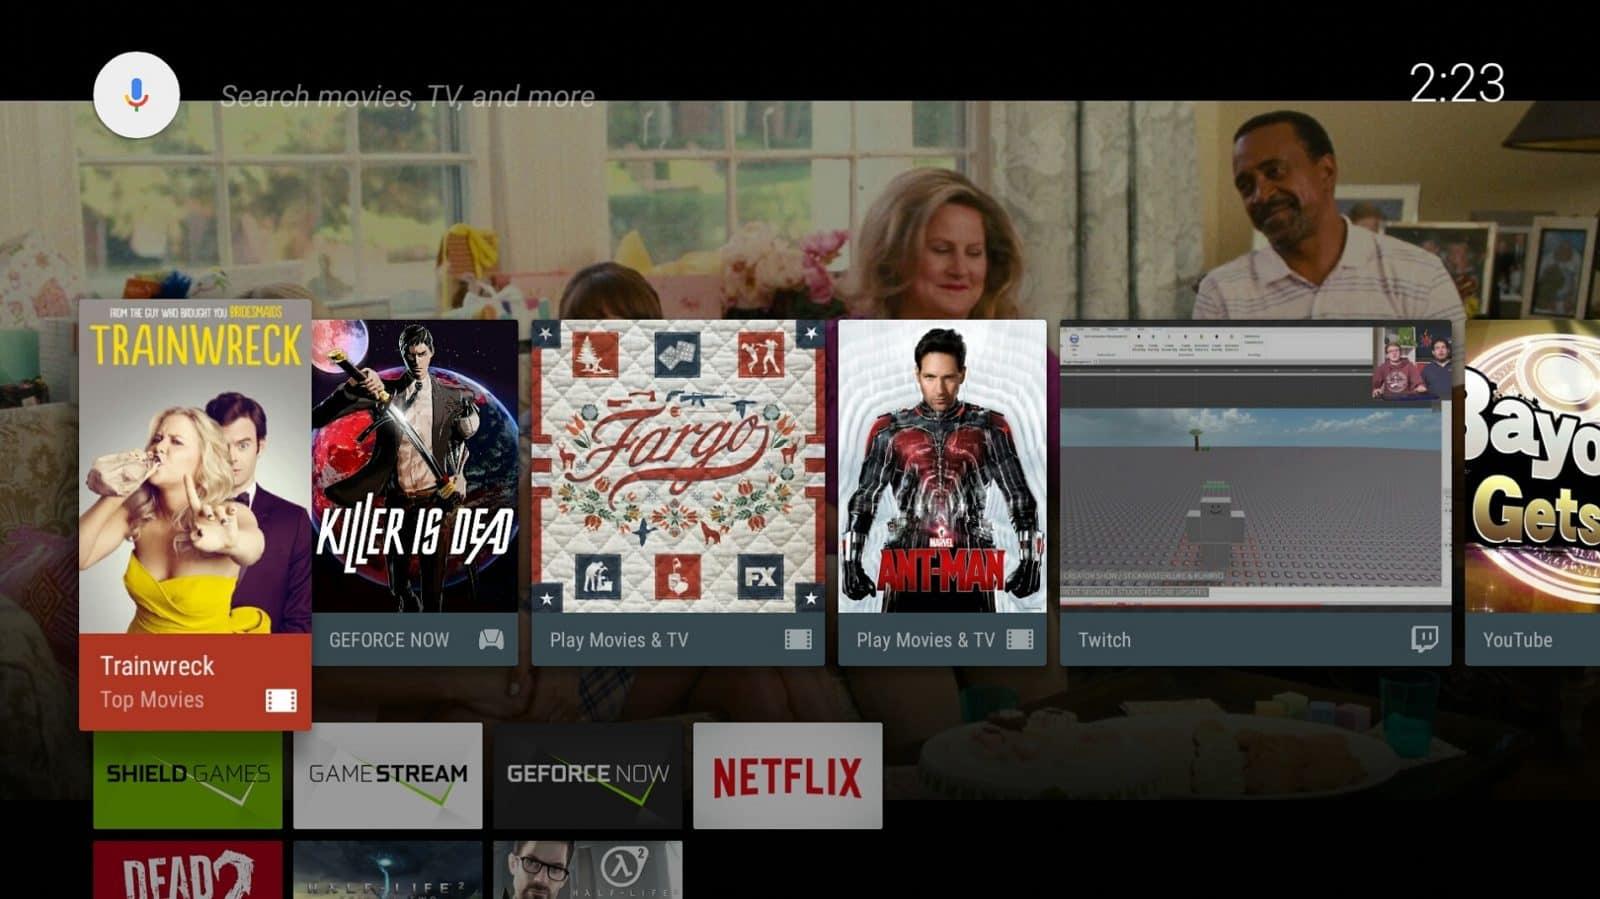 Android TV Google App rebrand main screen